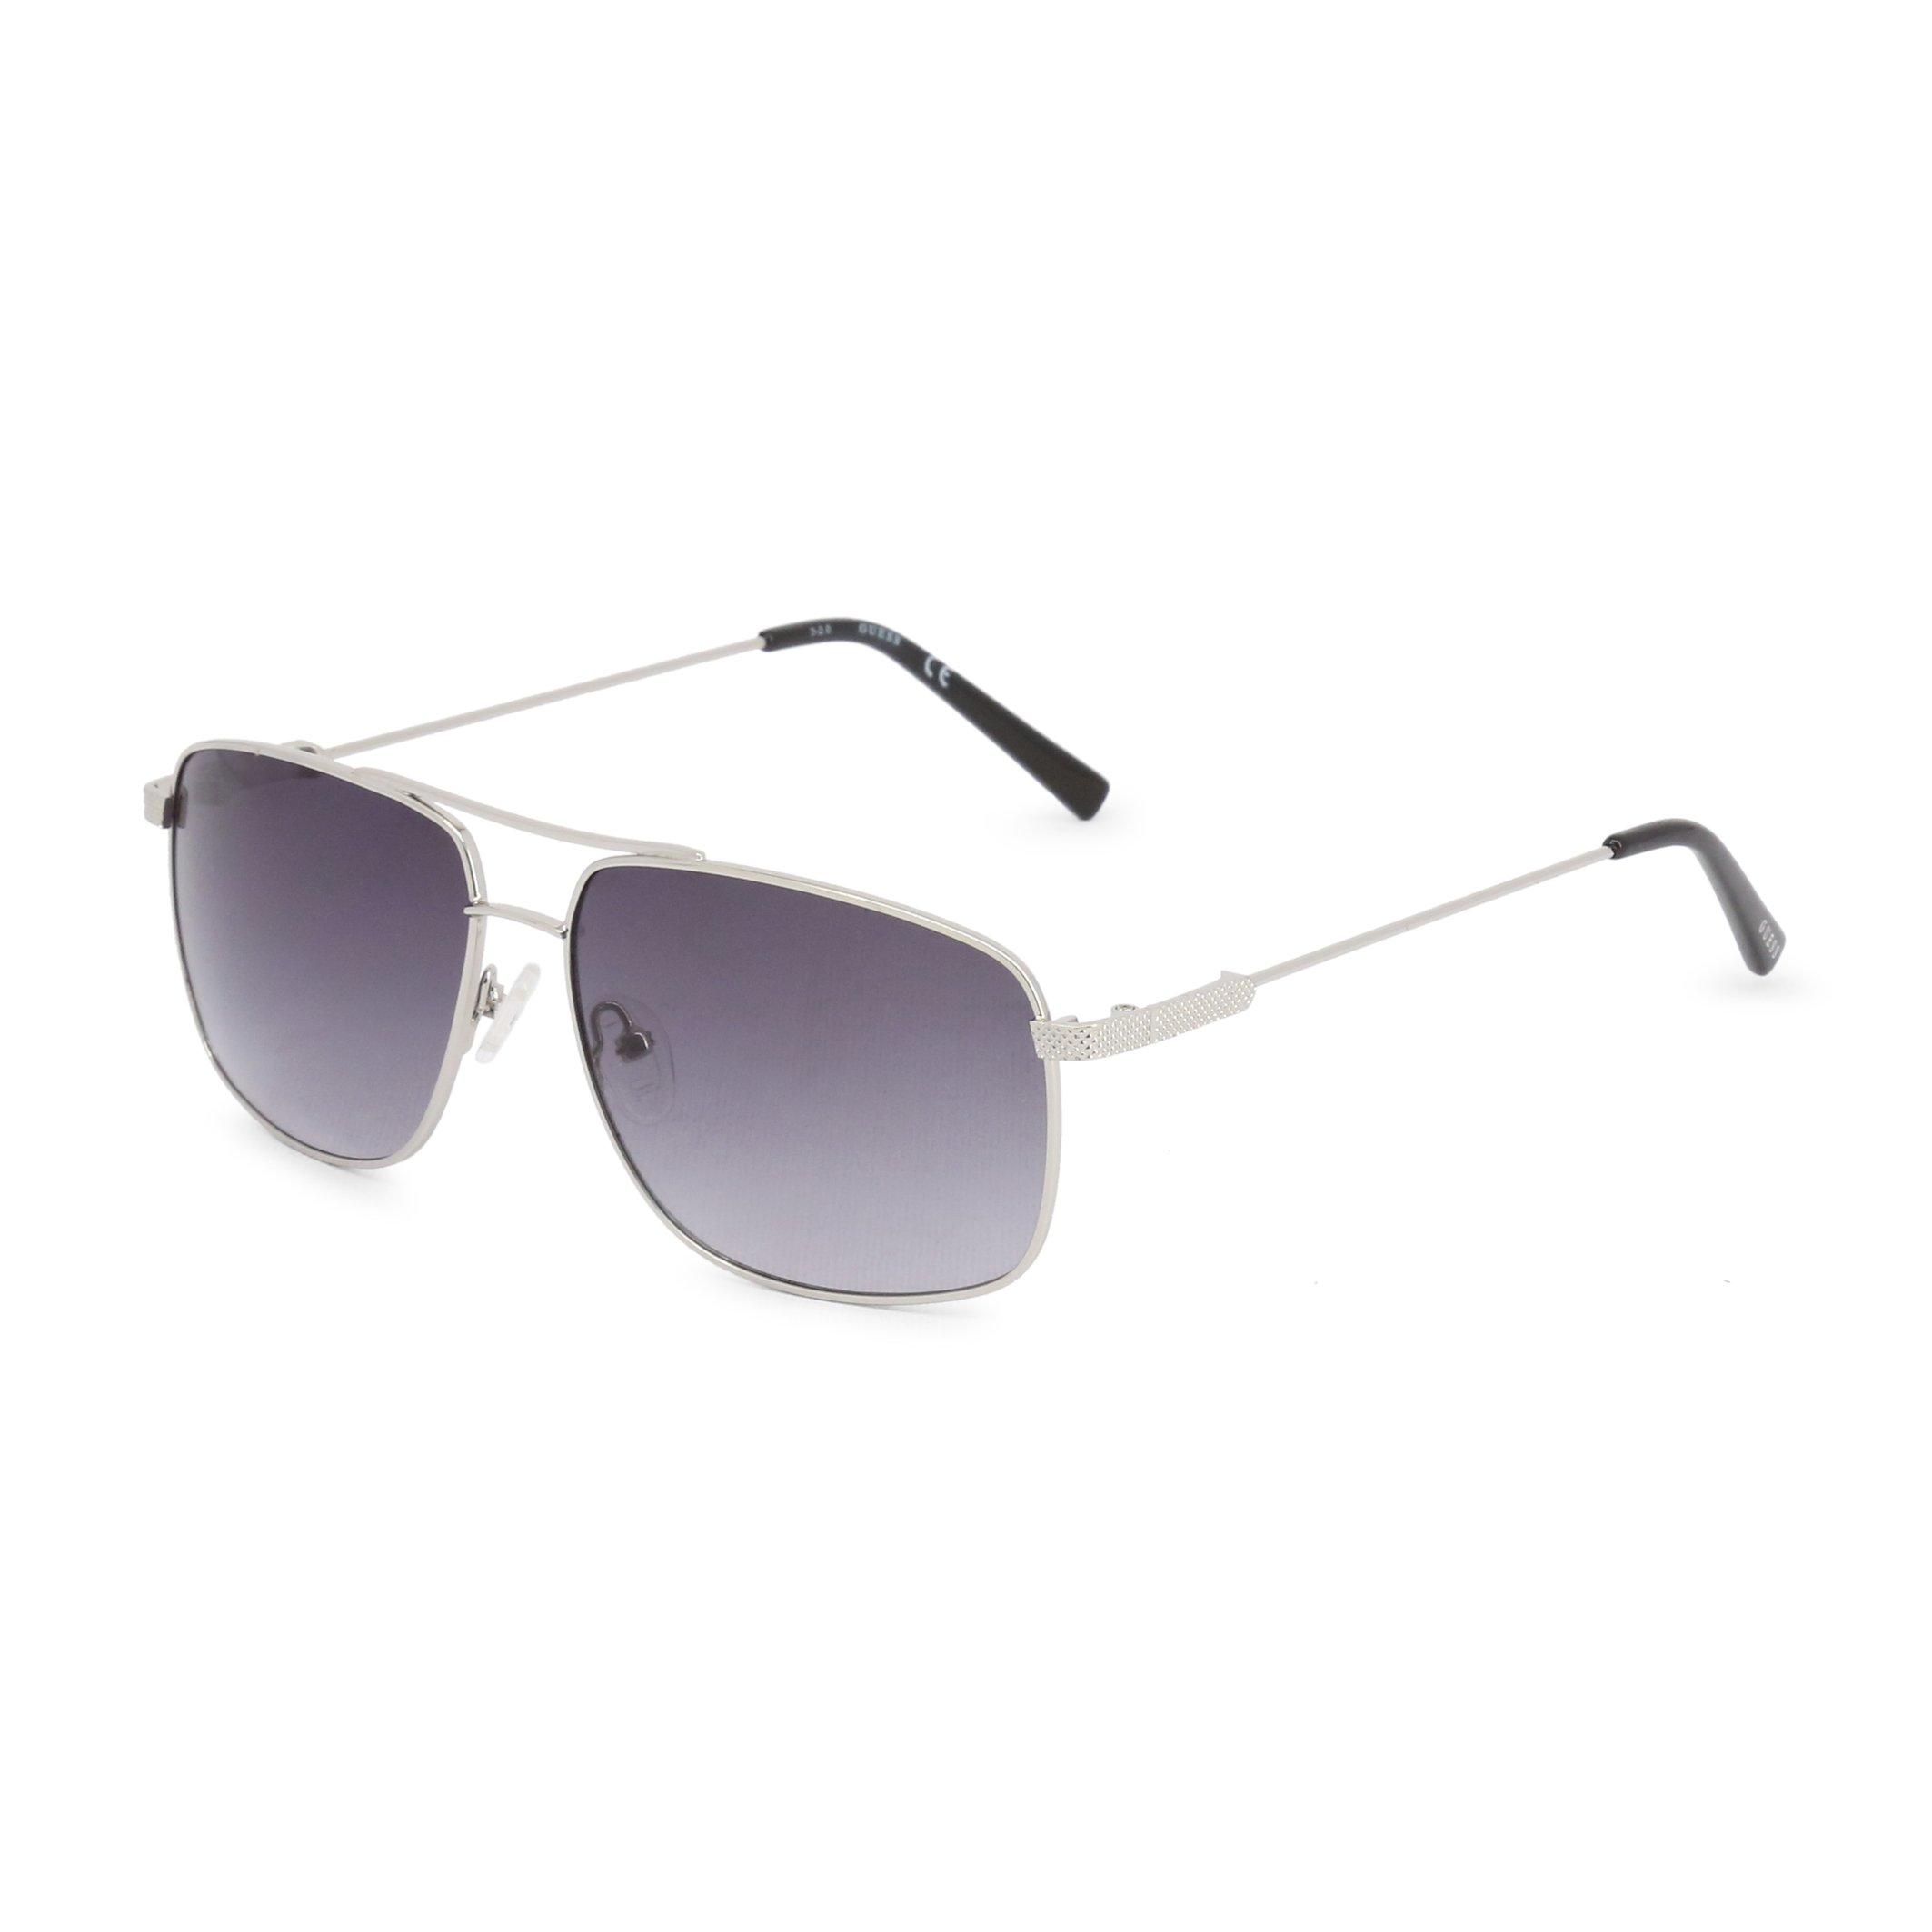 Guess Unisex Sunglasses Various Colours GF0205 - grey-1 NOSIZE